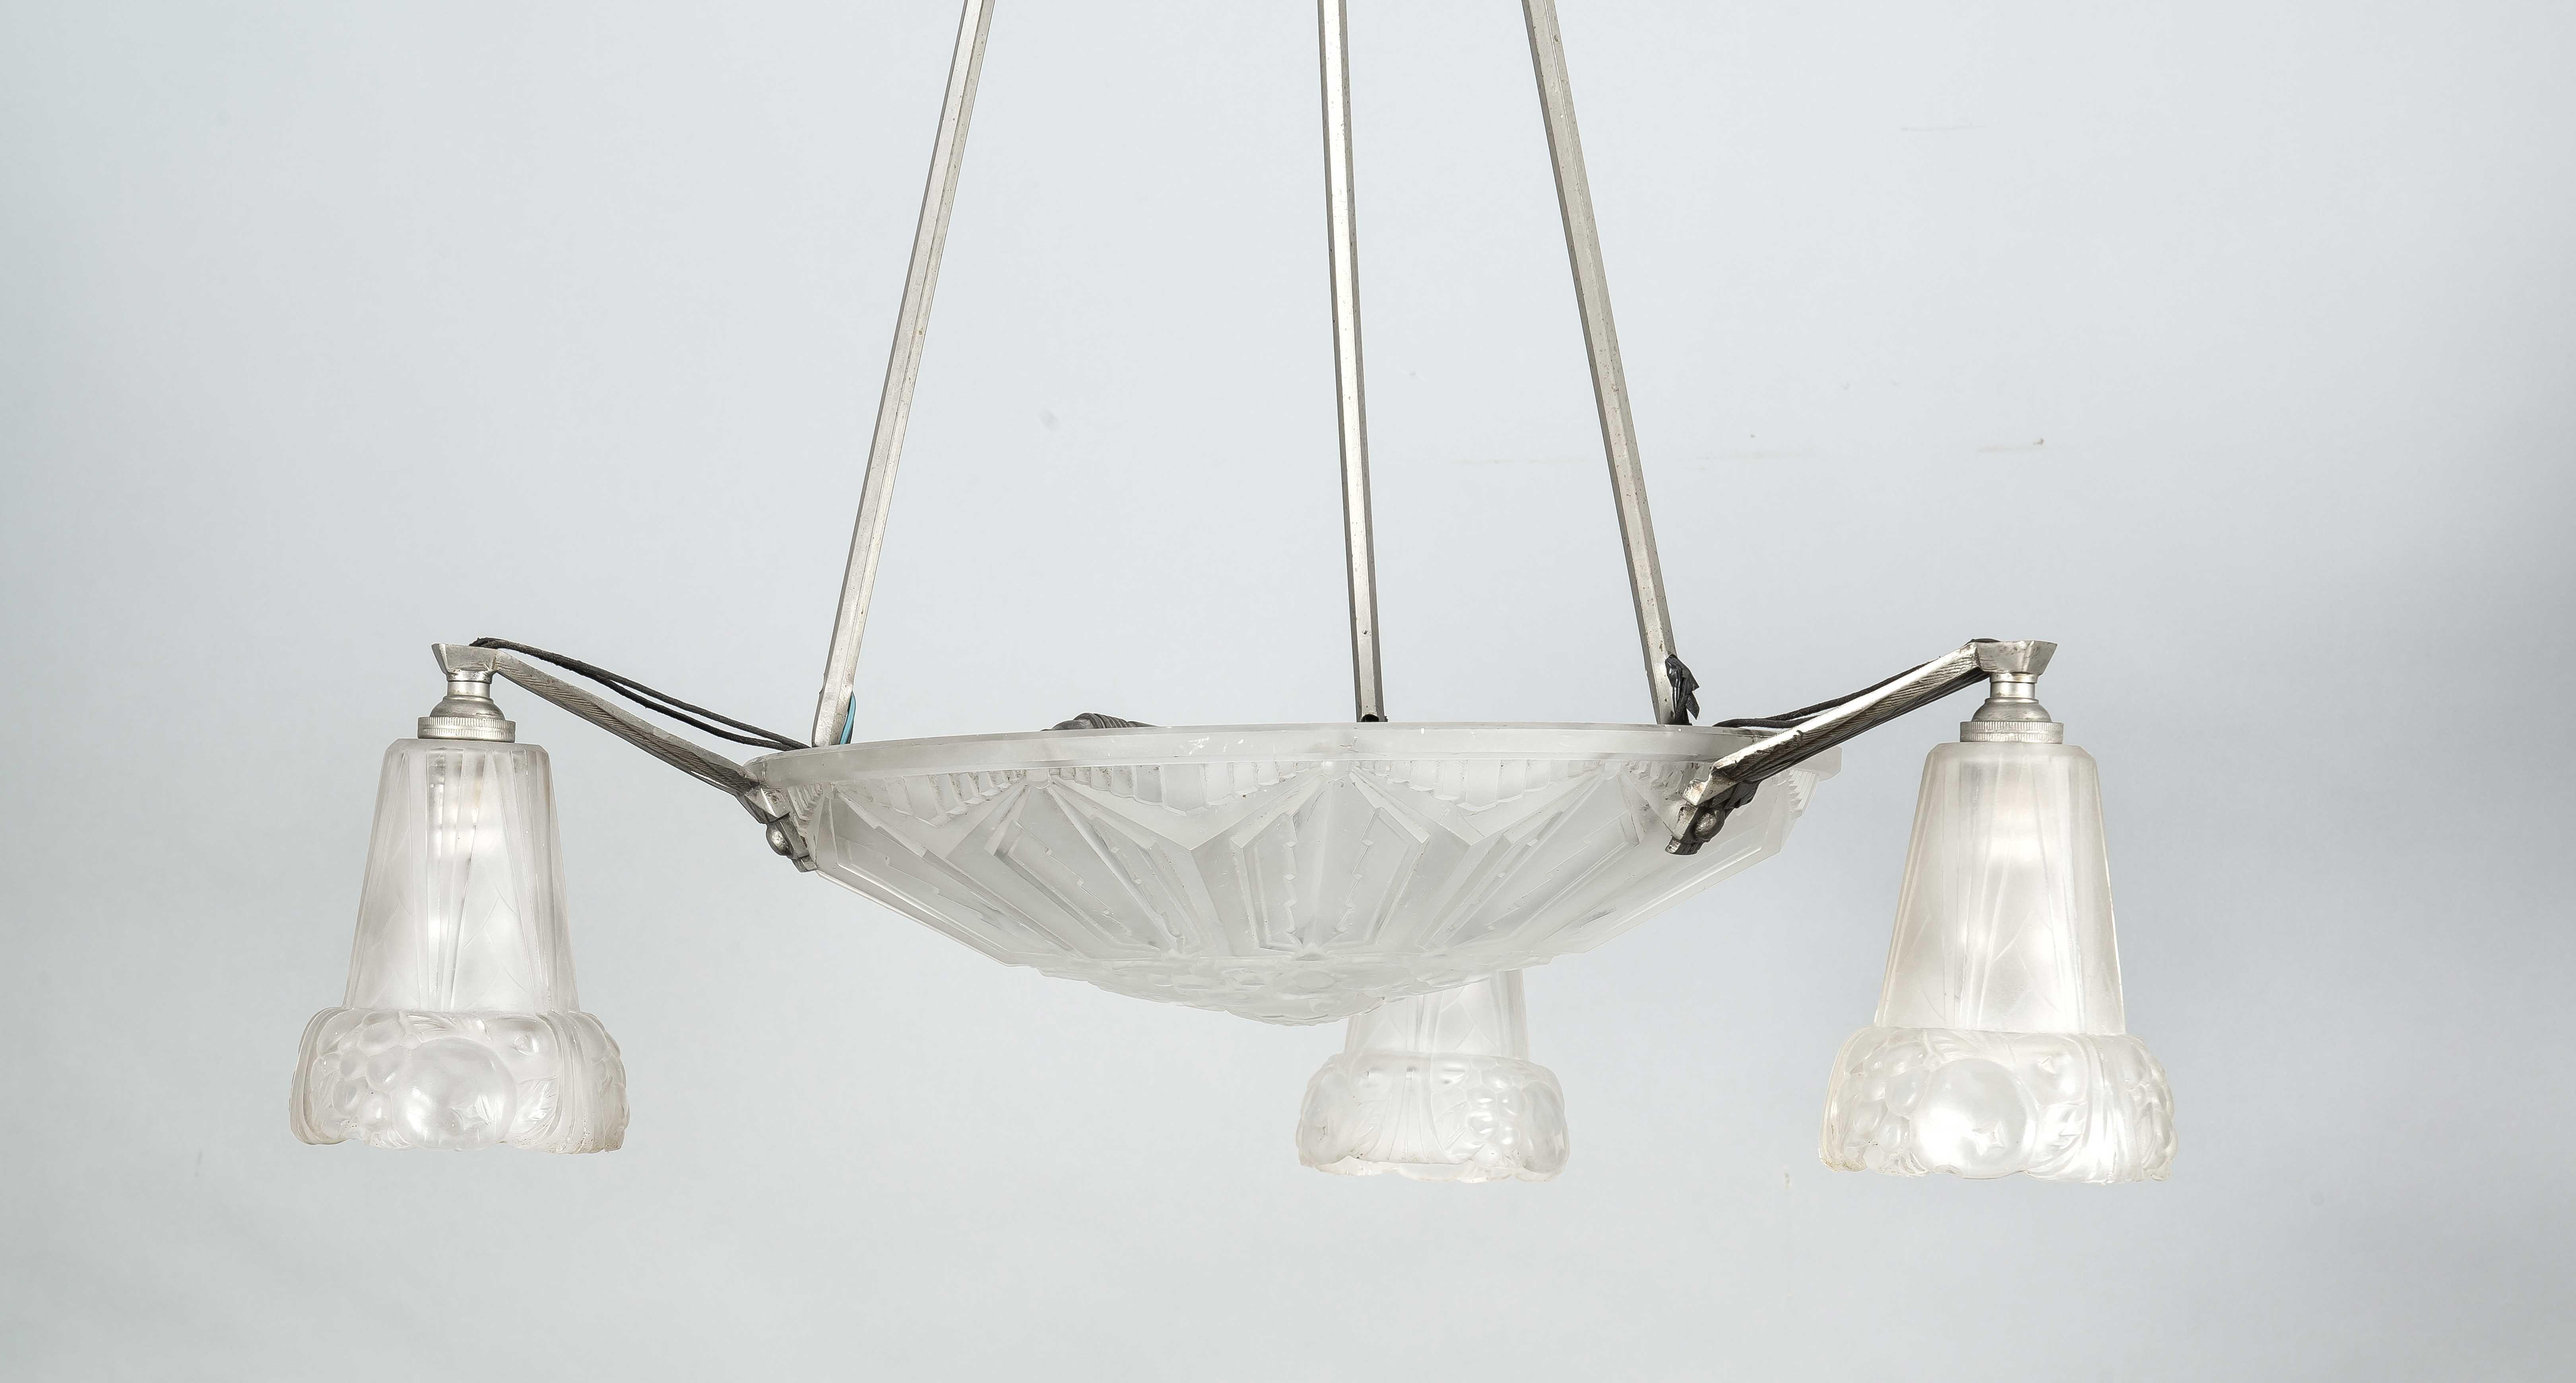 Art-Déco-Deckenlampe, Frankreich um 1920, 4-flg